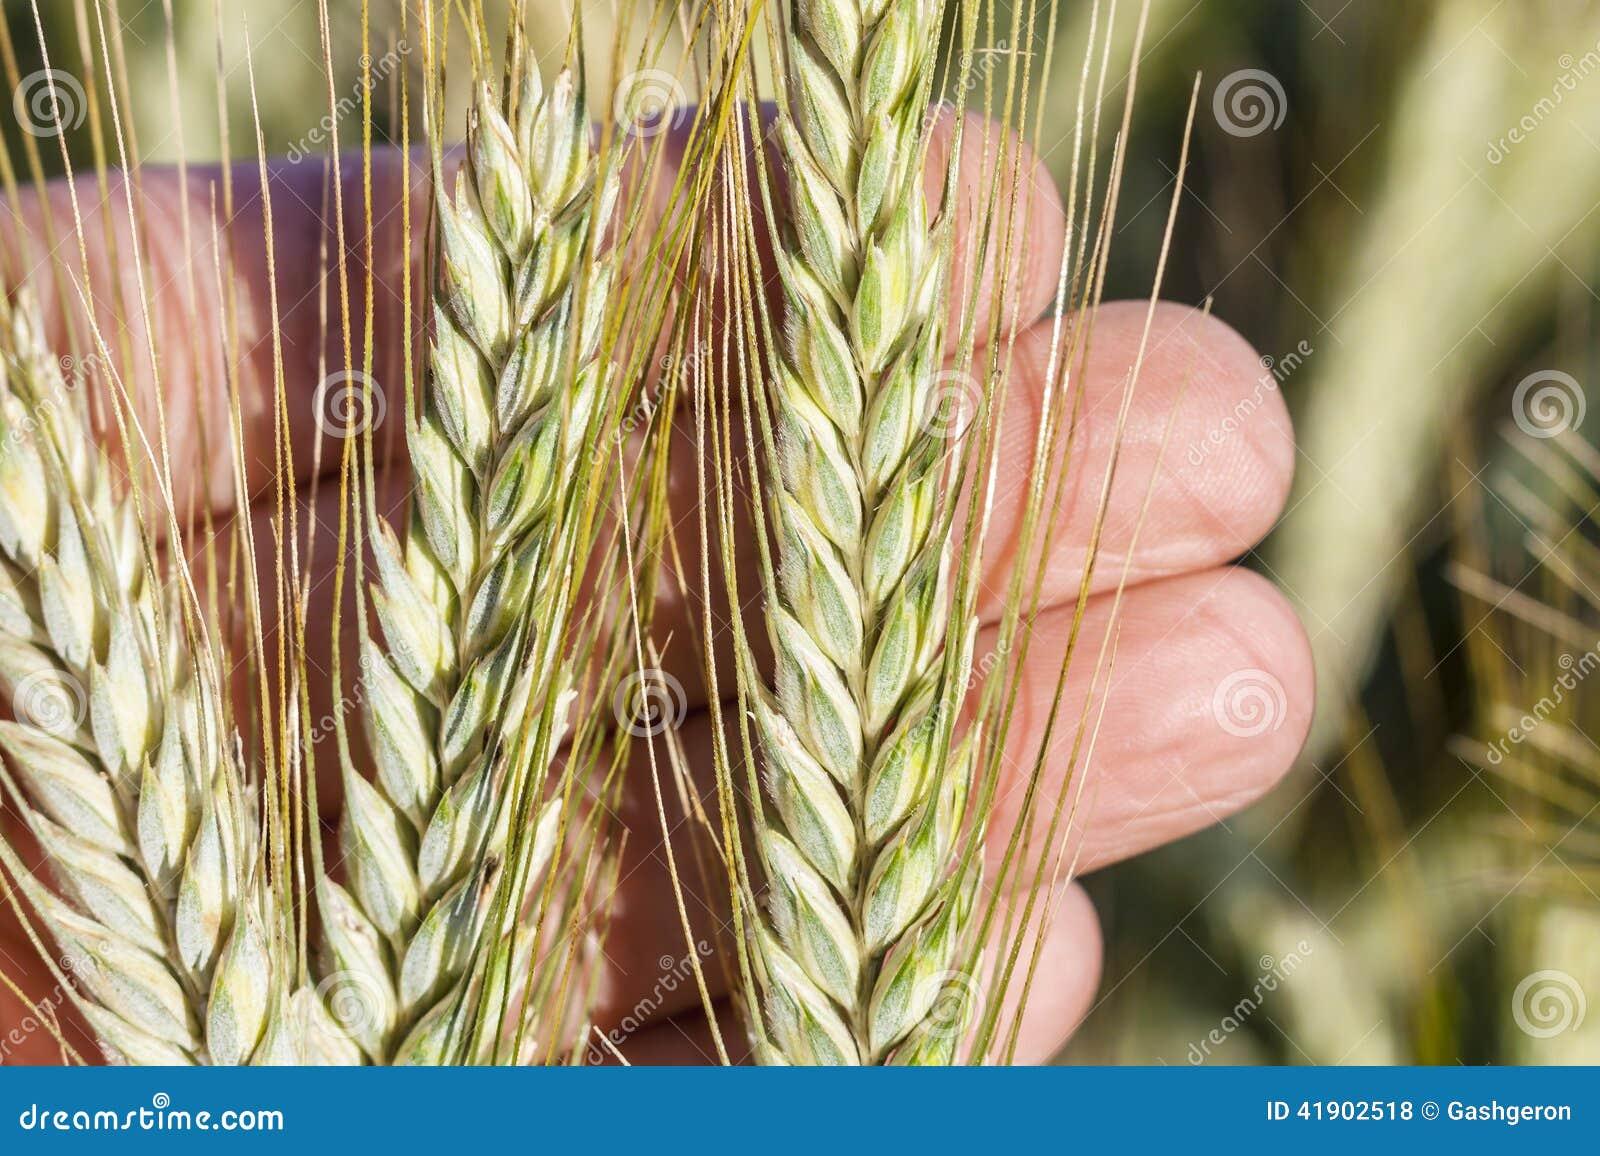 Oídos del trigo a disposición